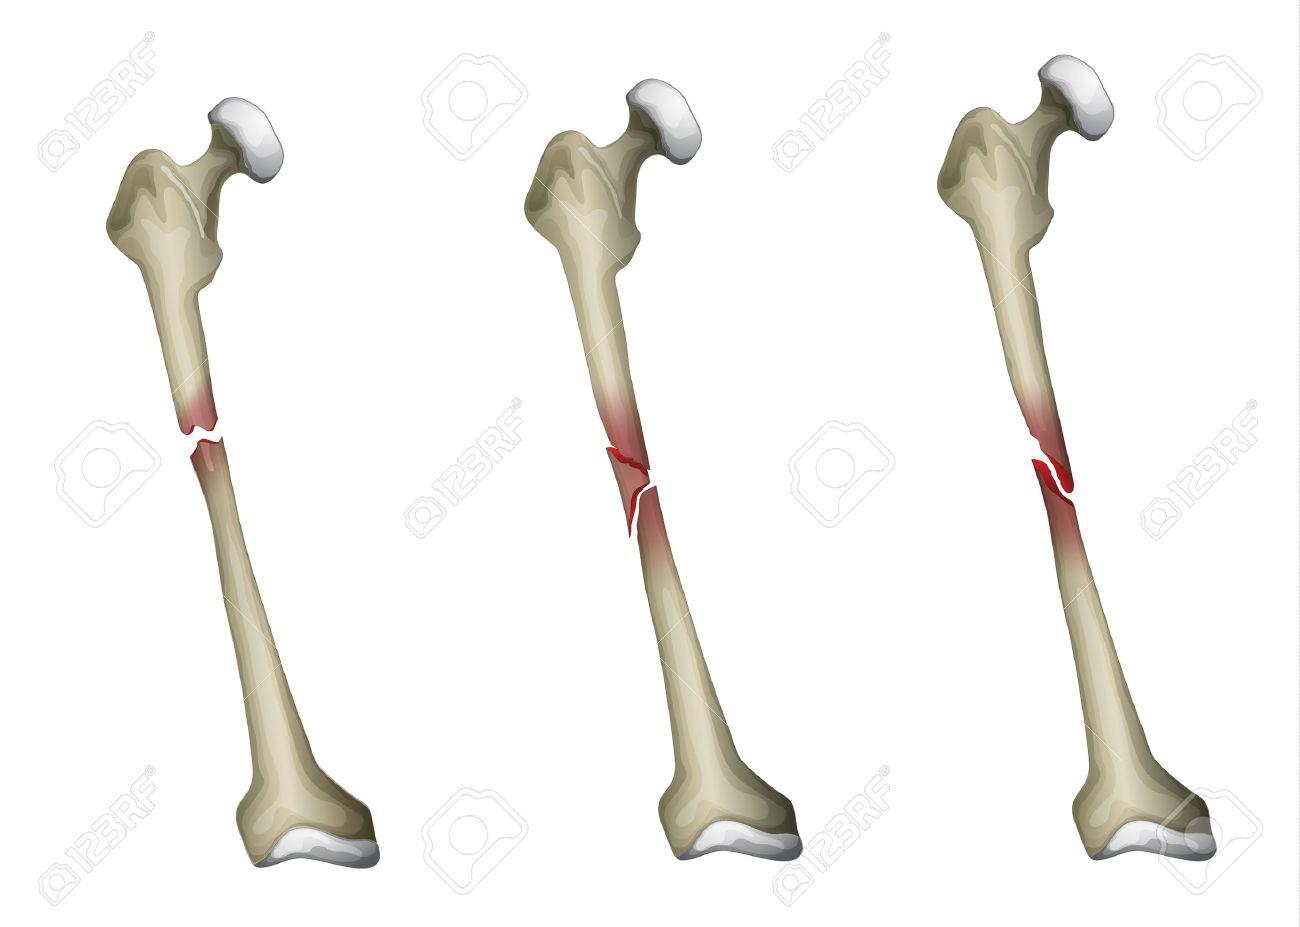 Drei Arten Von Knochenbrüchen Im Femur Lizenzfrei Nutzbare ...